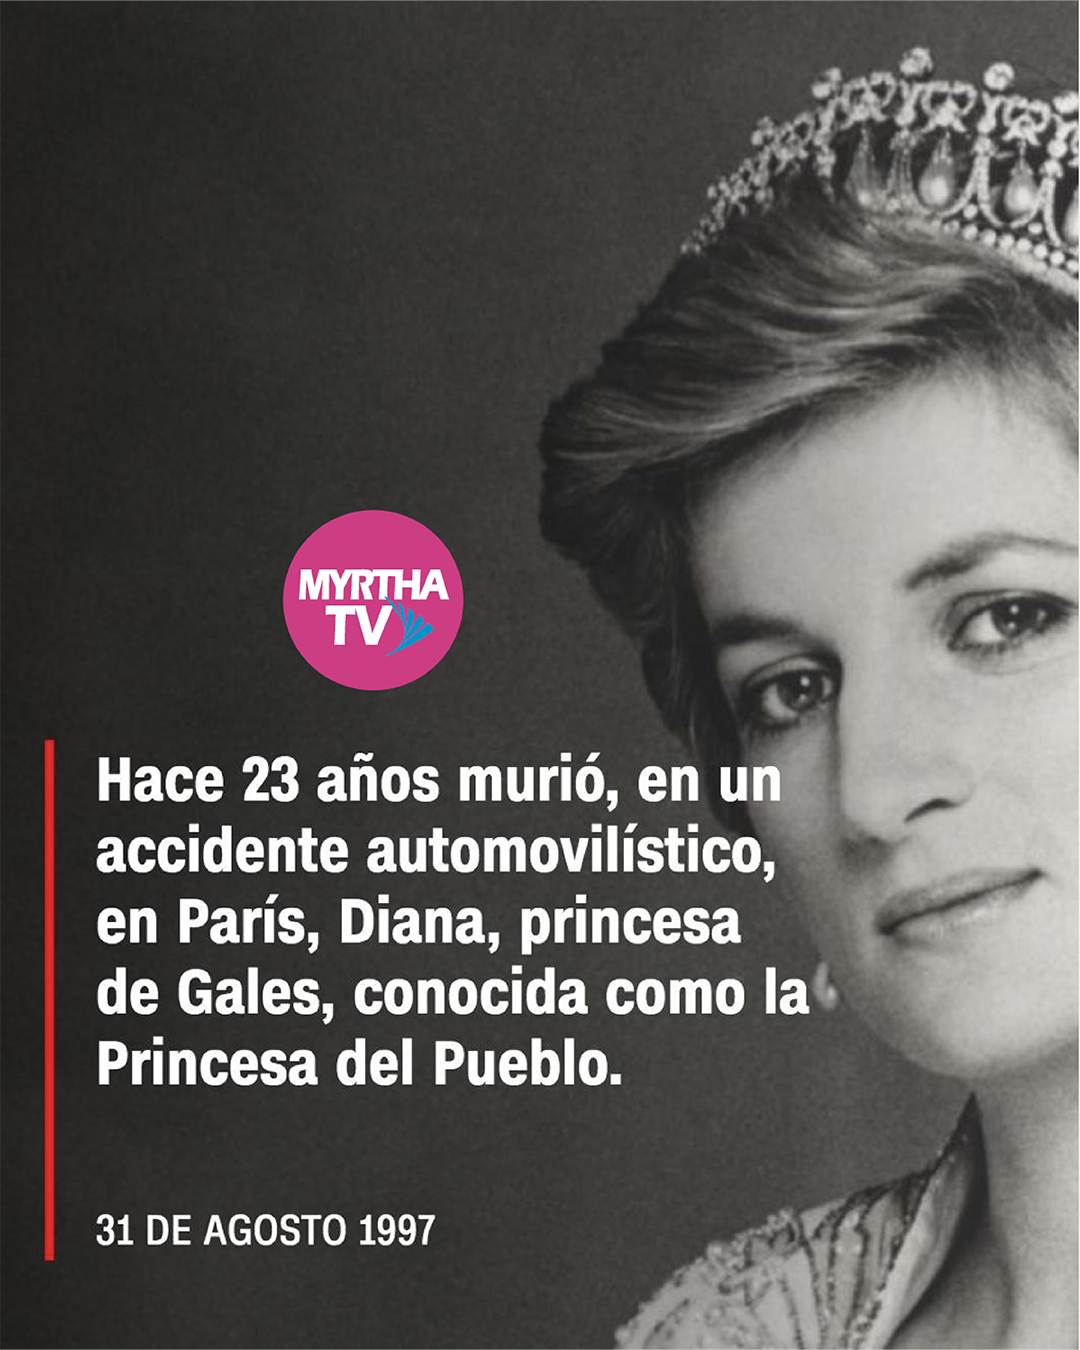 Diana, princesa de Gales